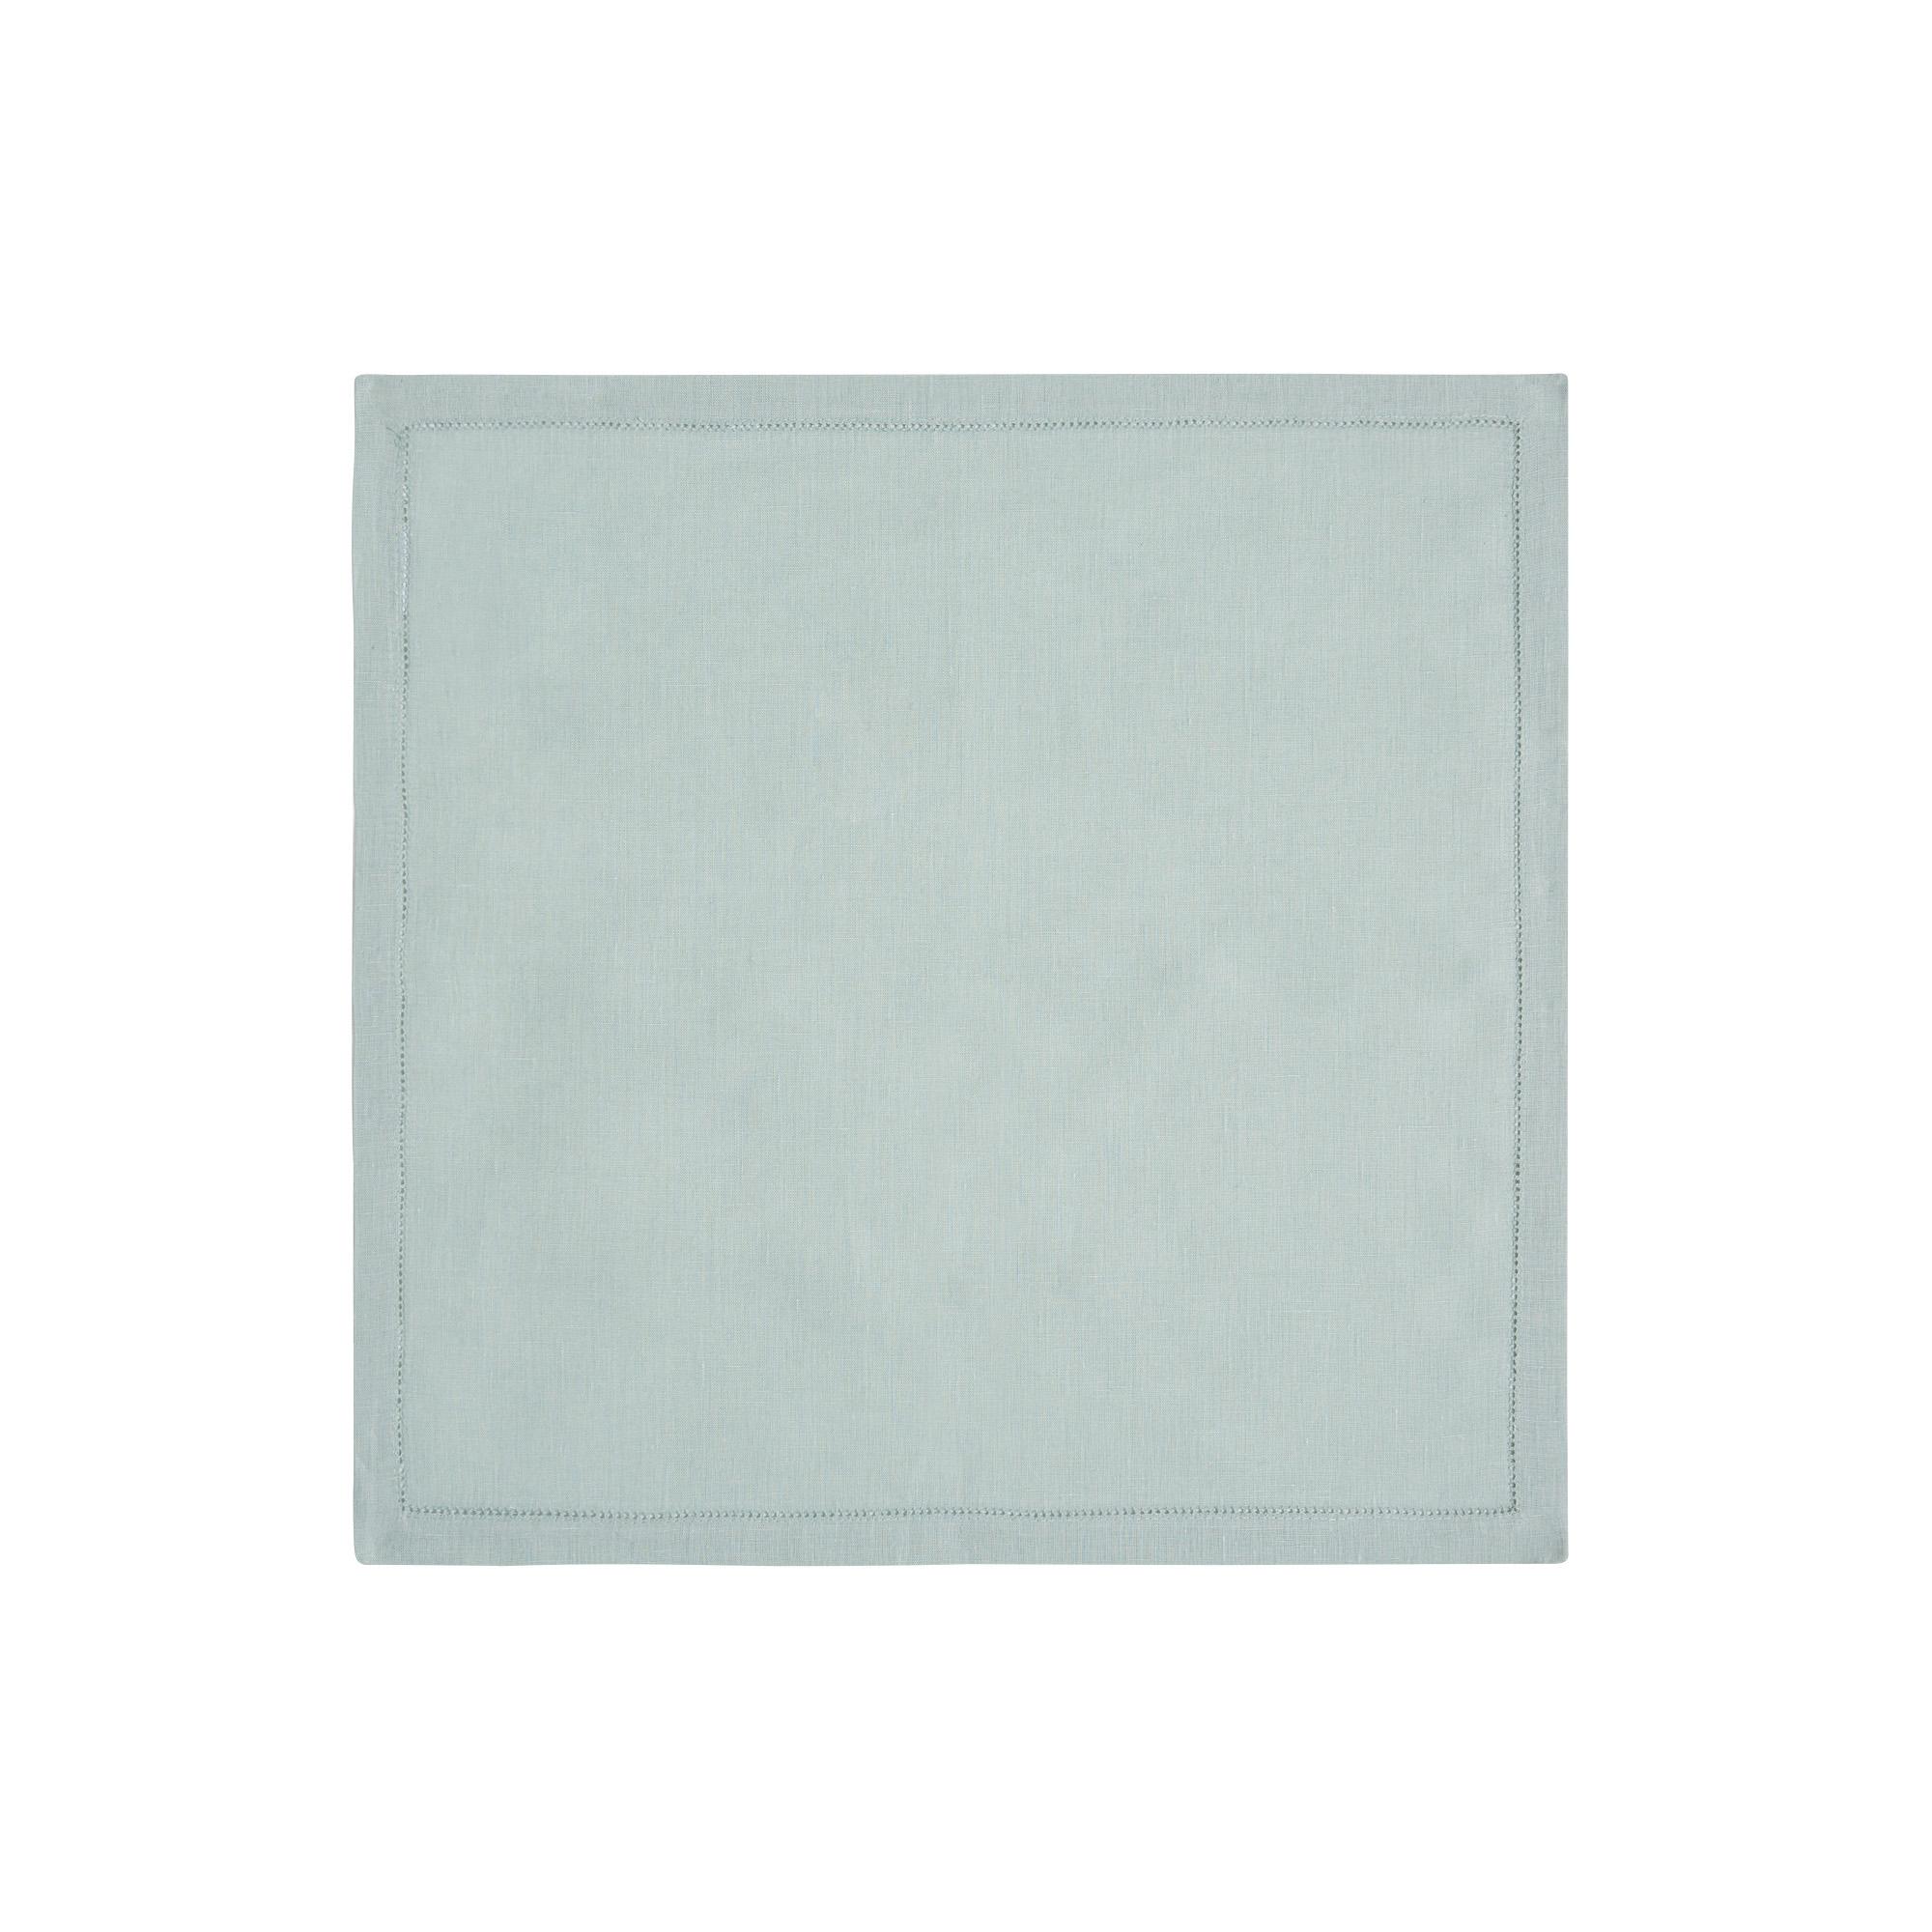 Serviette de table en lin vert sauge 50x50